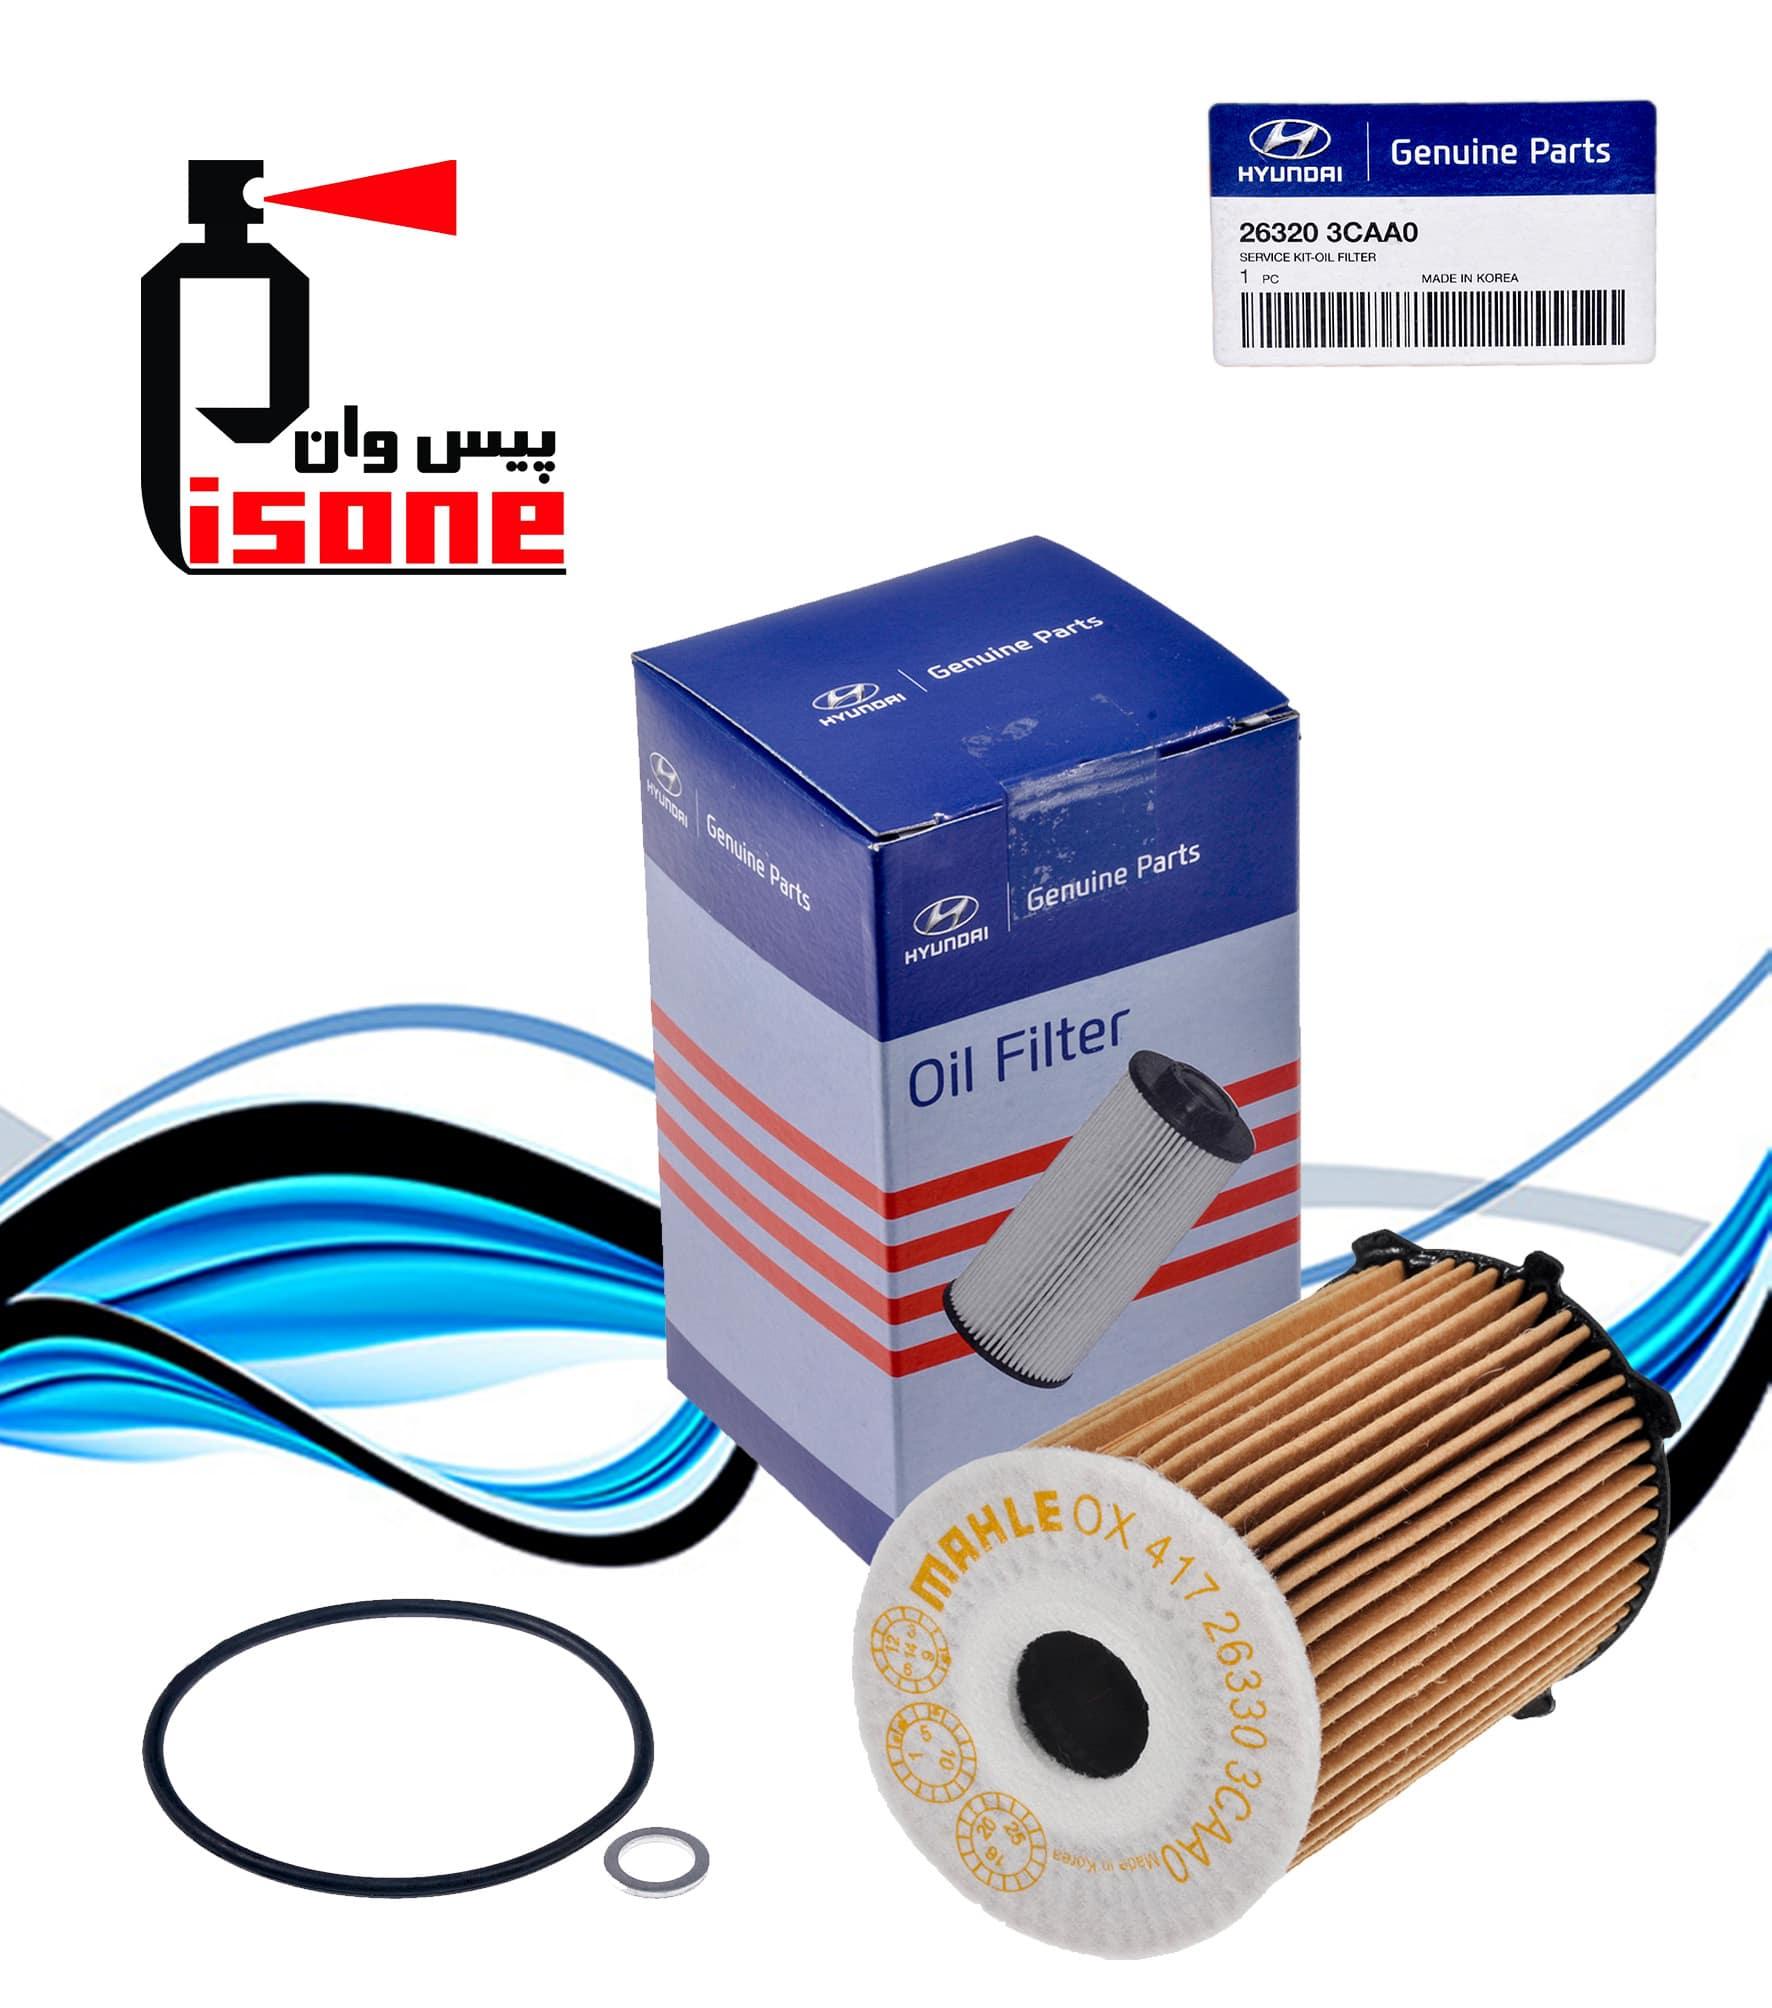 فیلتر روغن هیوندای سانتافه 3500 با کد فنی 263203CAA0 جنیون پارتس